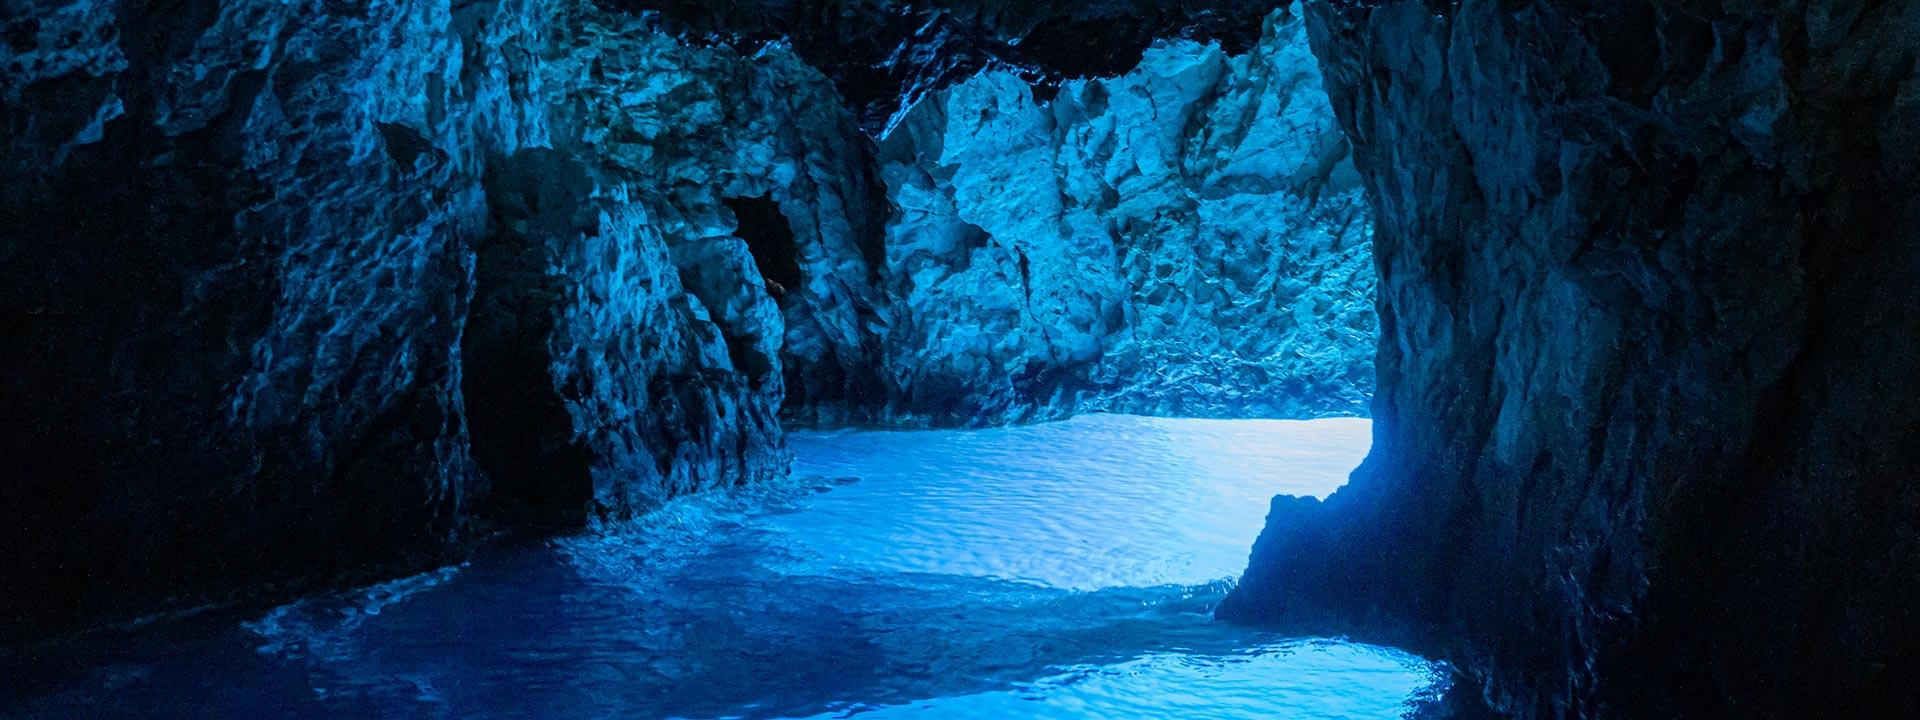 mayer-charter-tour-header-blue-cave